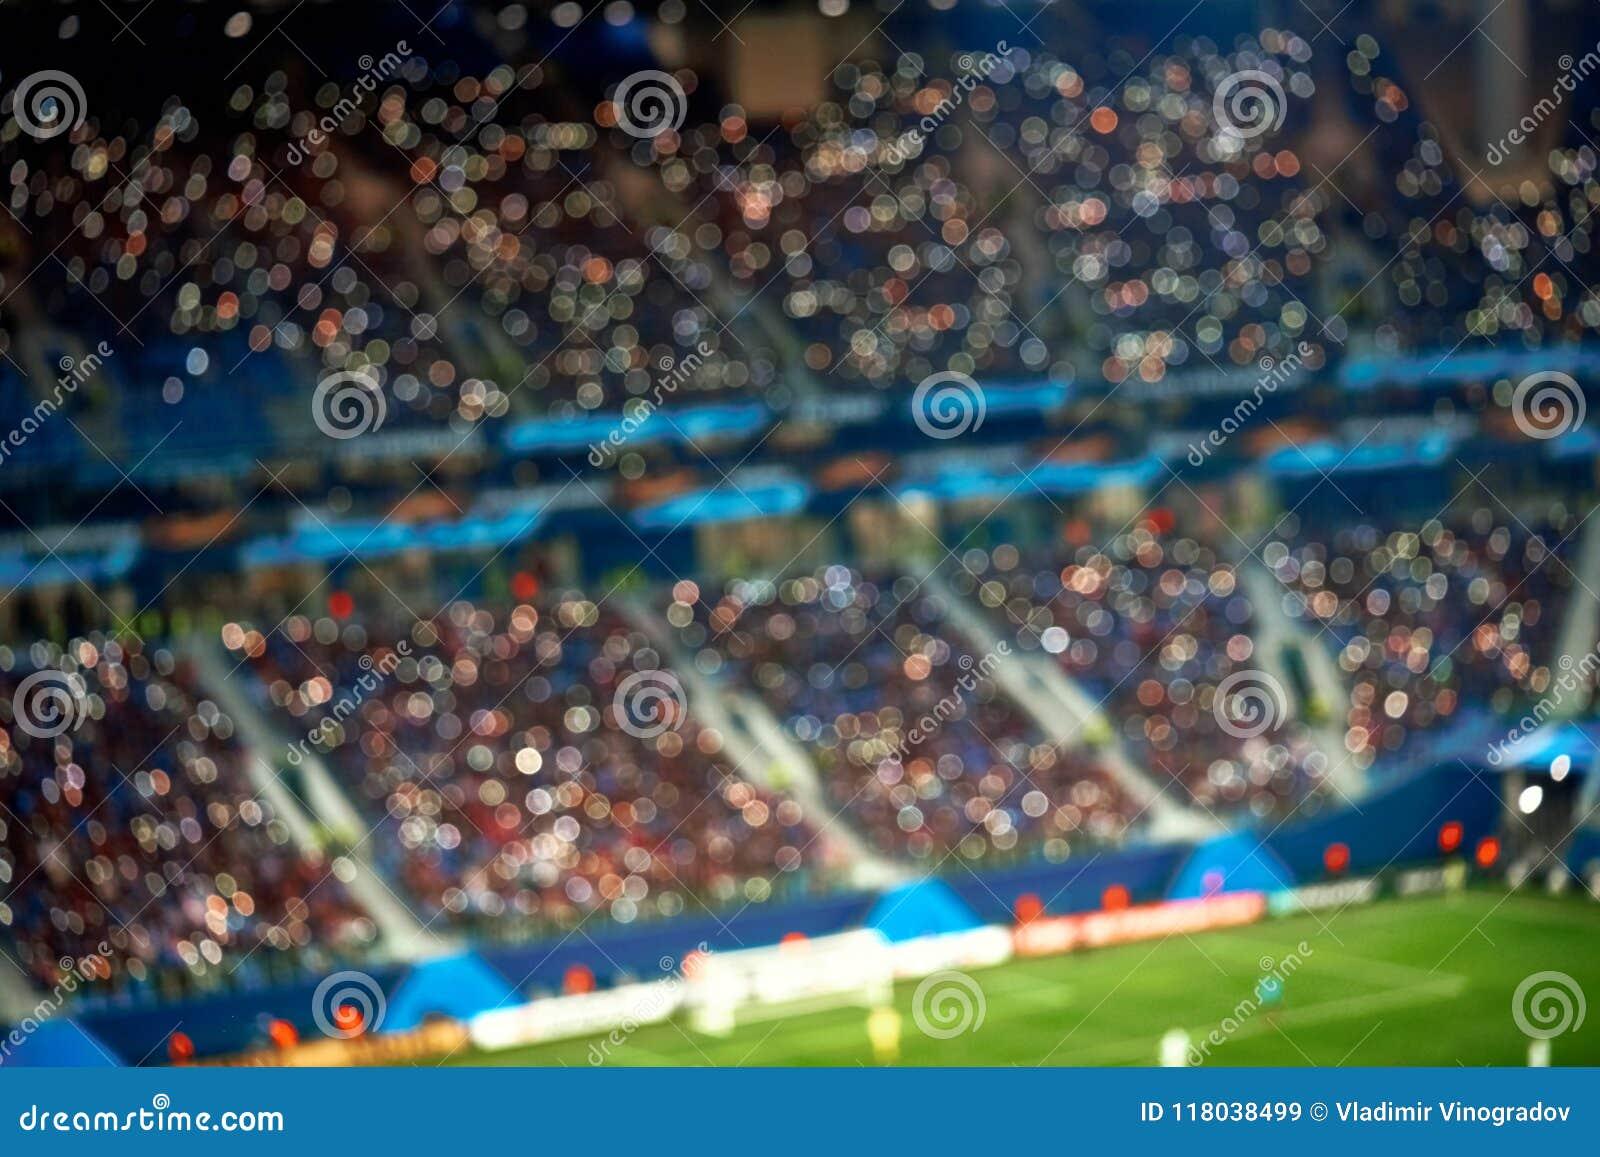 Pełne futbolowe stadium piłkarski trybuny z światłami Miękkiej ostrości zamazany tło